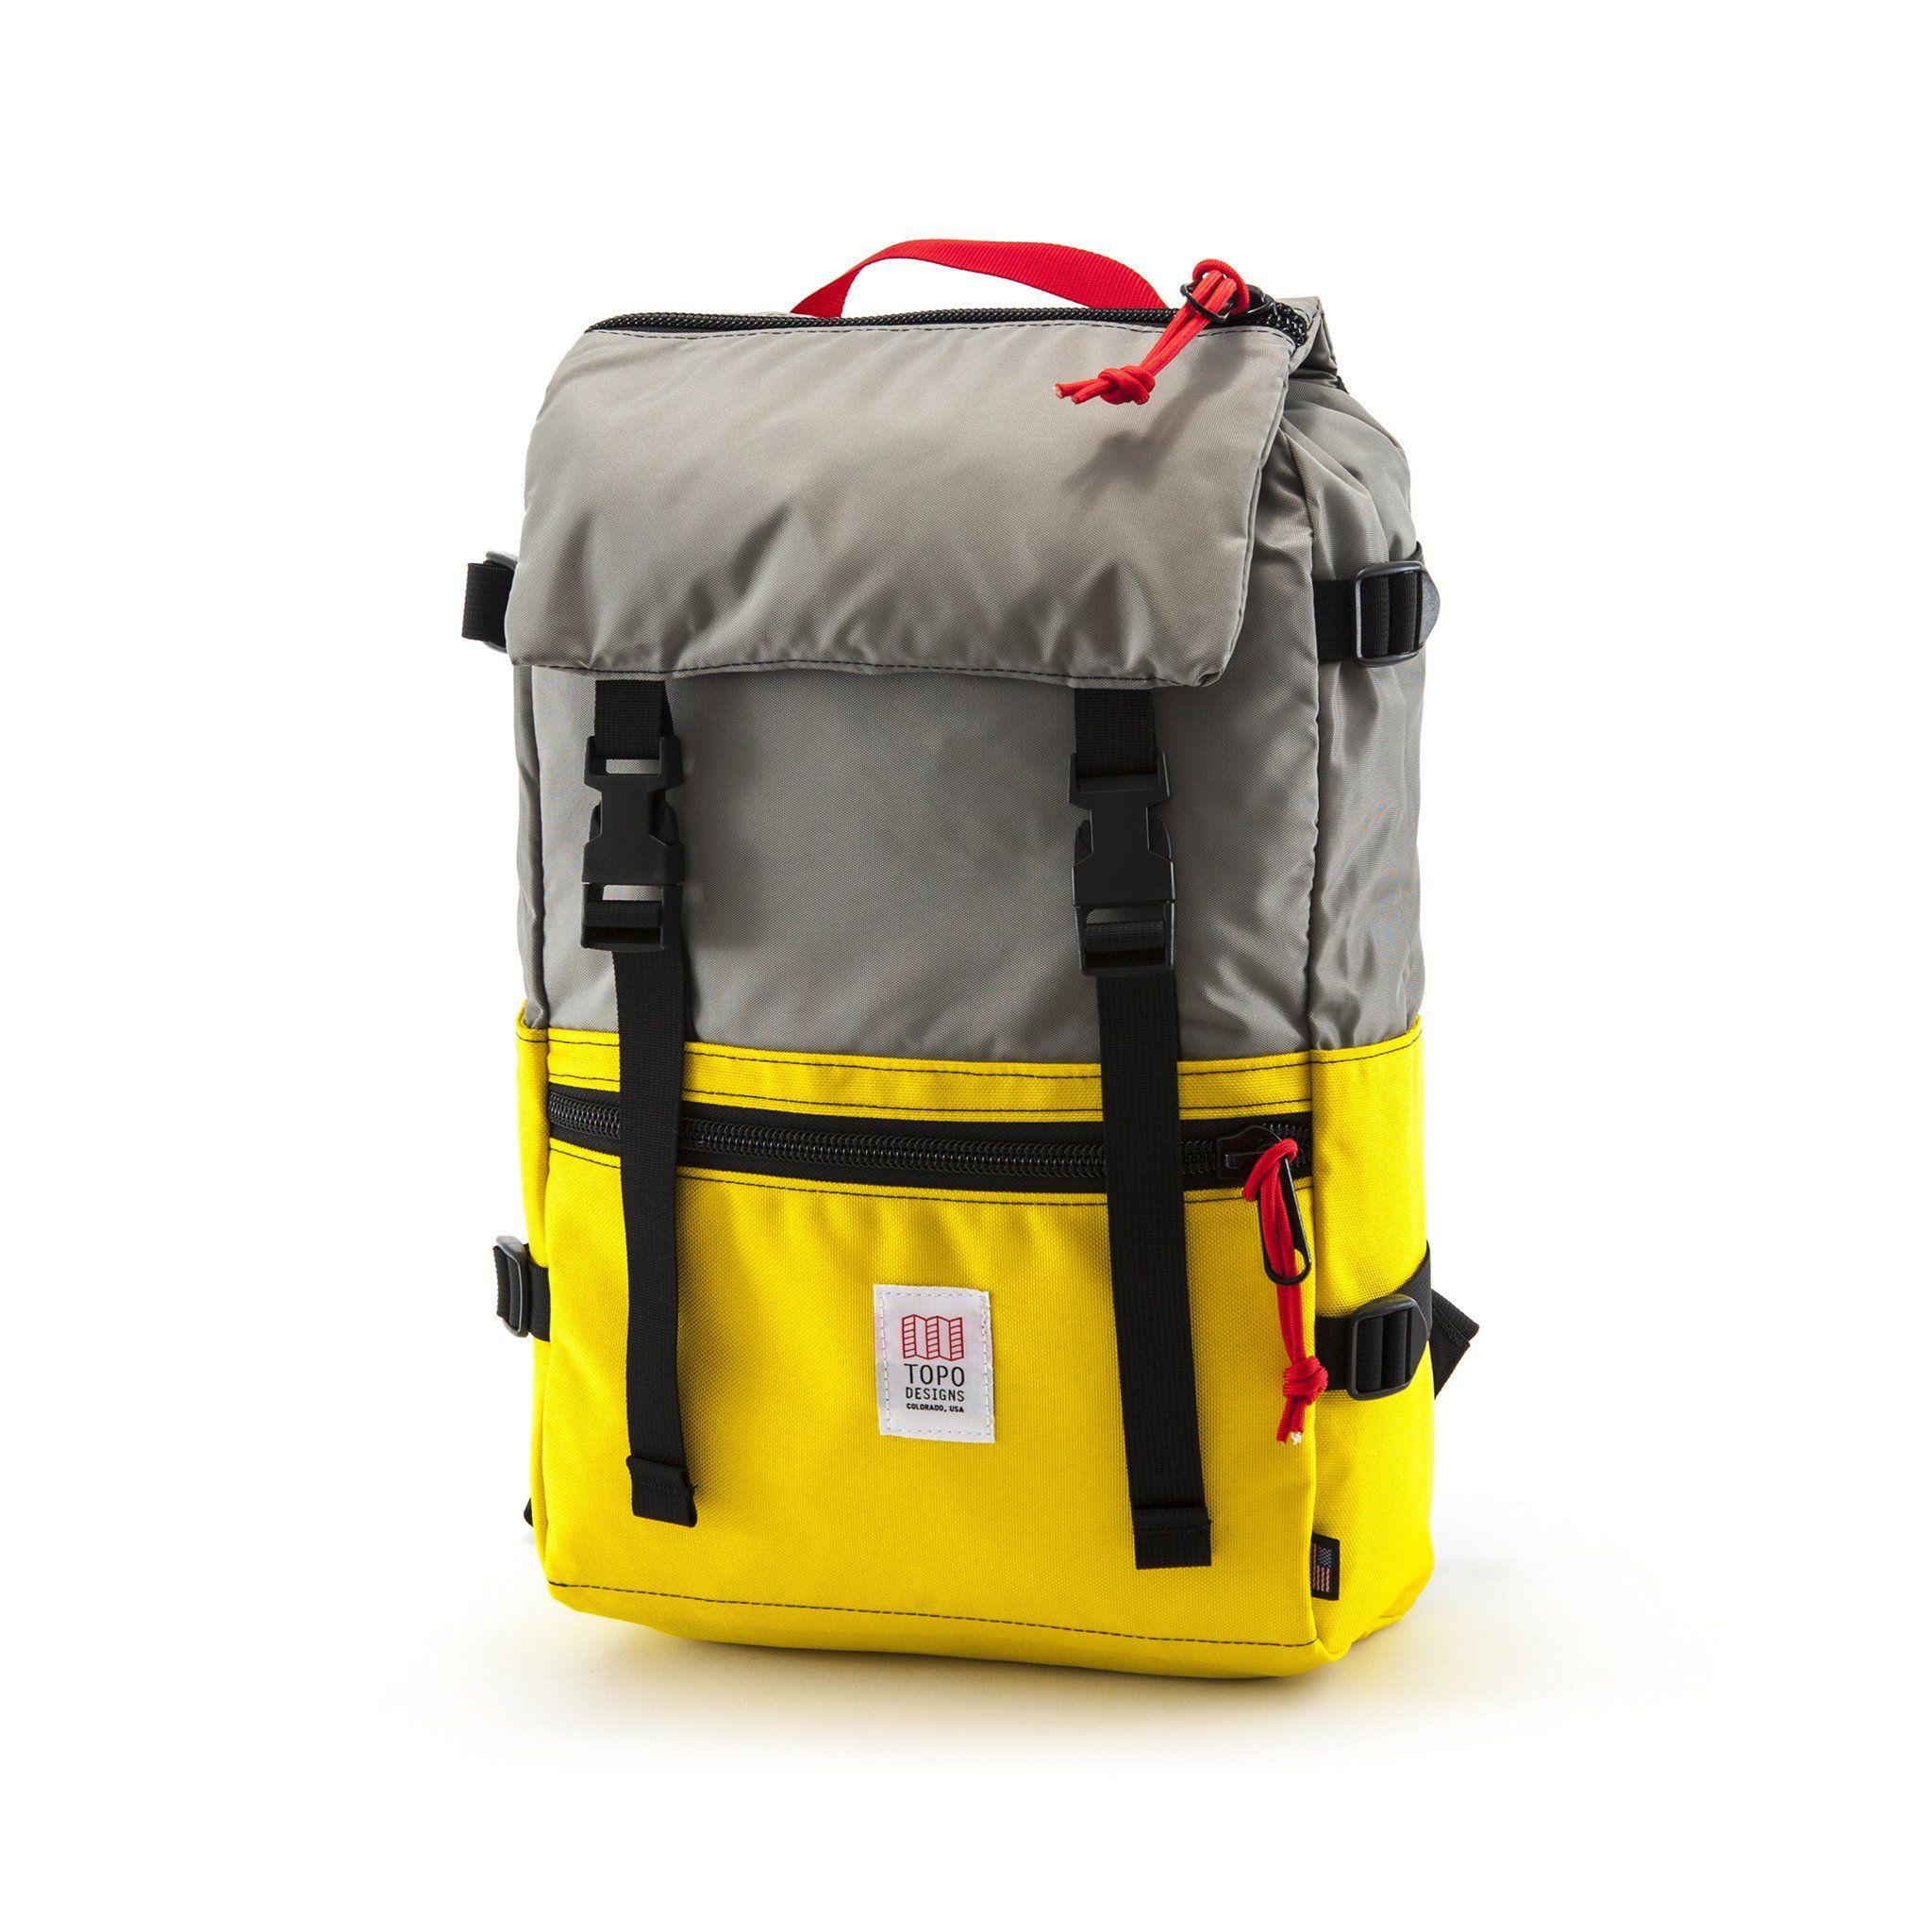 868856da38 Rover Pack | The Cute Backpack | Rucksack backpack, Backpacks, Bags